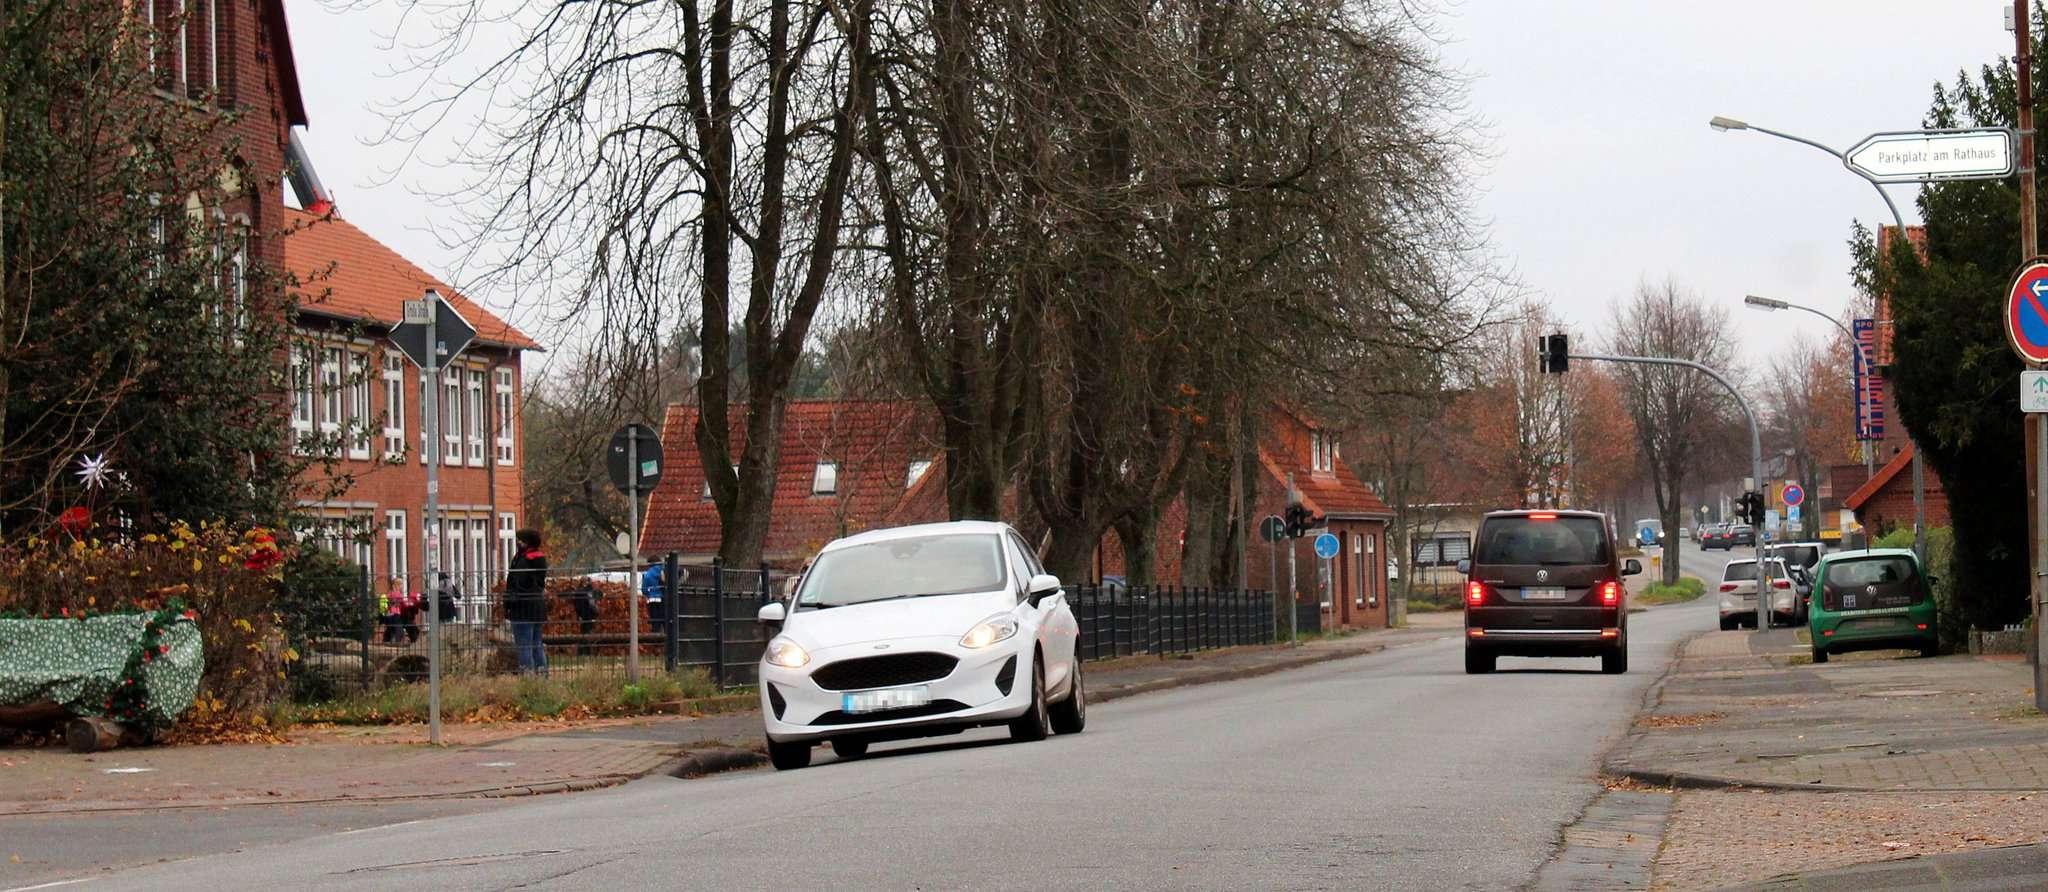 Geht es nach dem Bauausschuss sollen Fahrzeuge im Bereich der Kastanienschule künftig maximal Tempo 30 fahren dürfen.